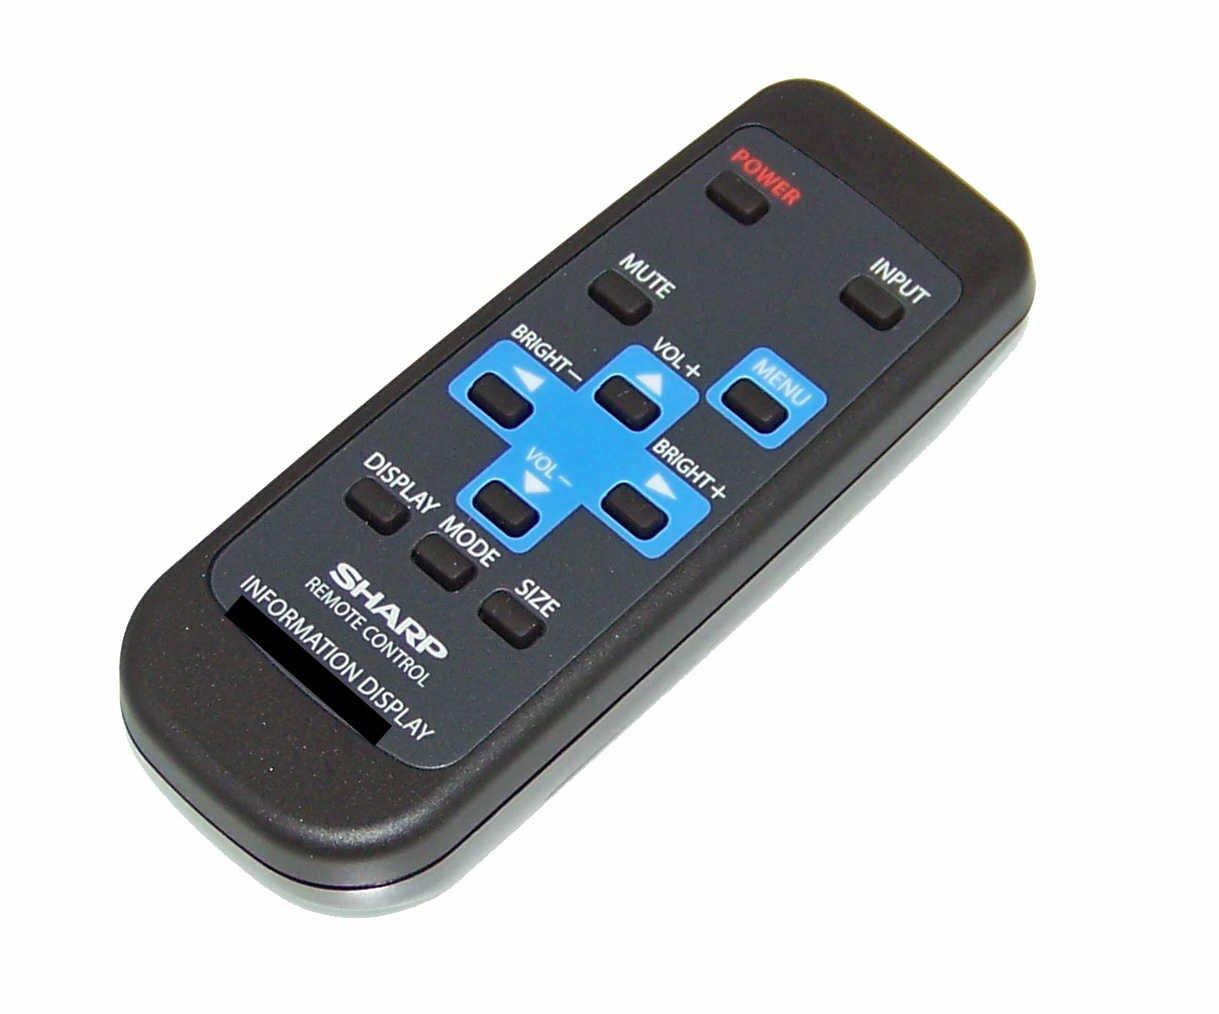 OEM Sharp Remote Control Originally Shipped With PNL702B, PN-L702B, PNL802B, PN-L802B